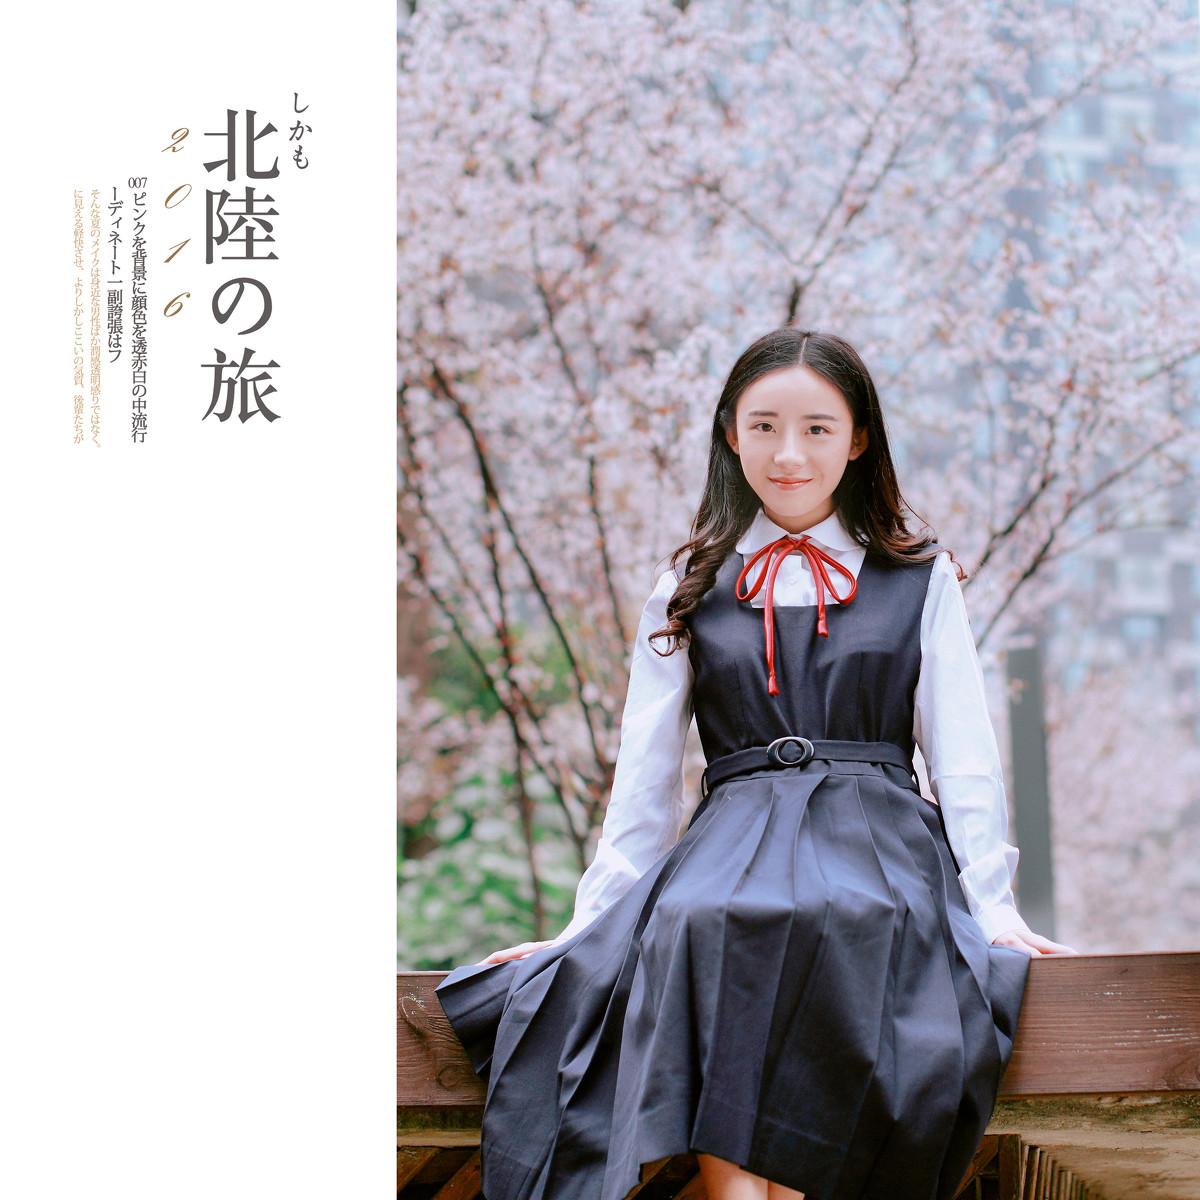 捷高官网-华南-广西自治-柳州|爱游戏官网